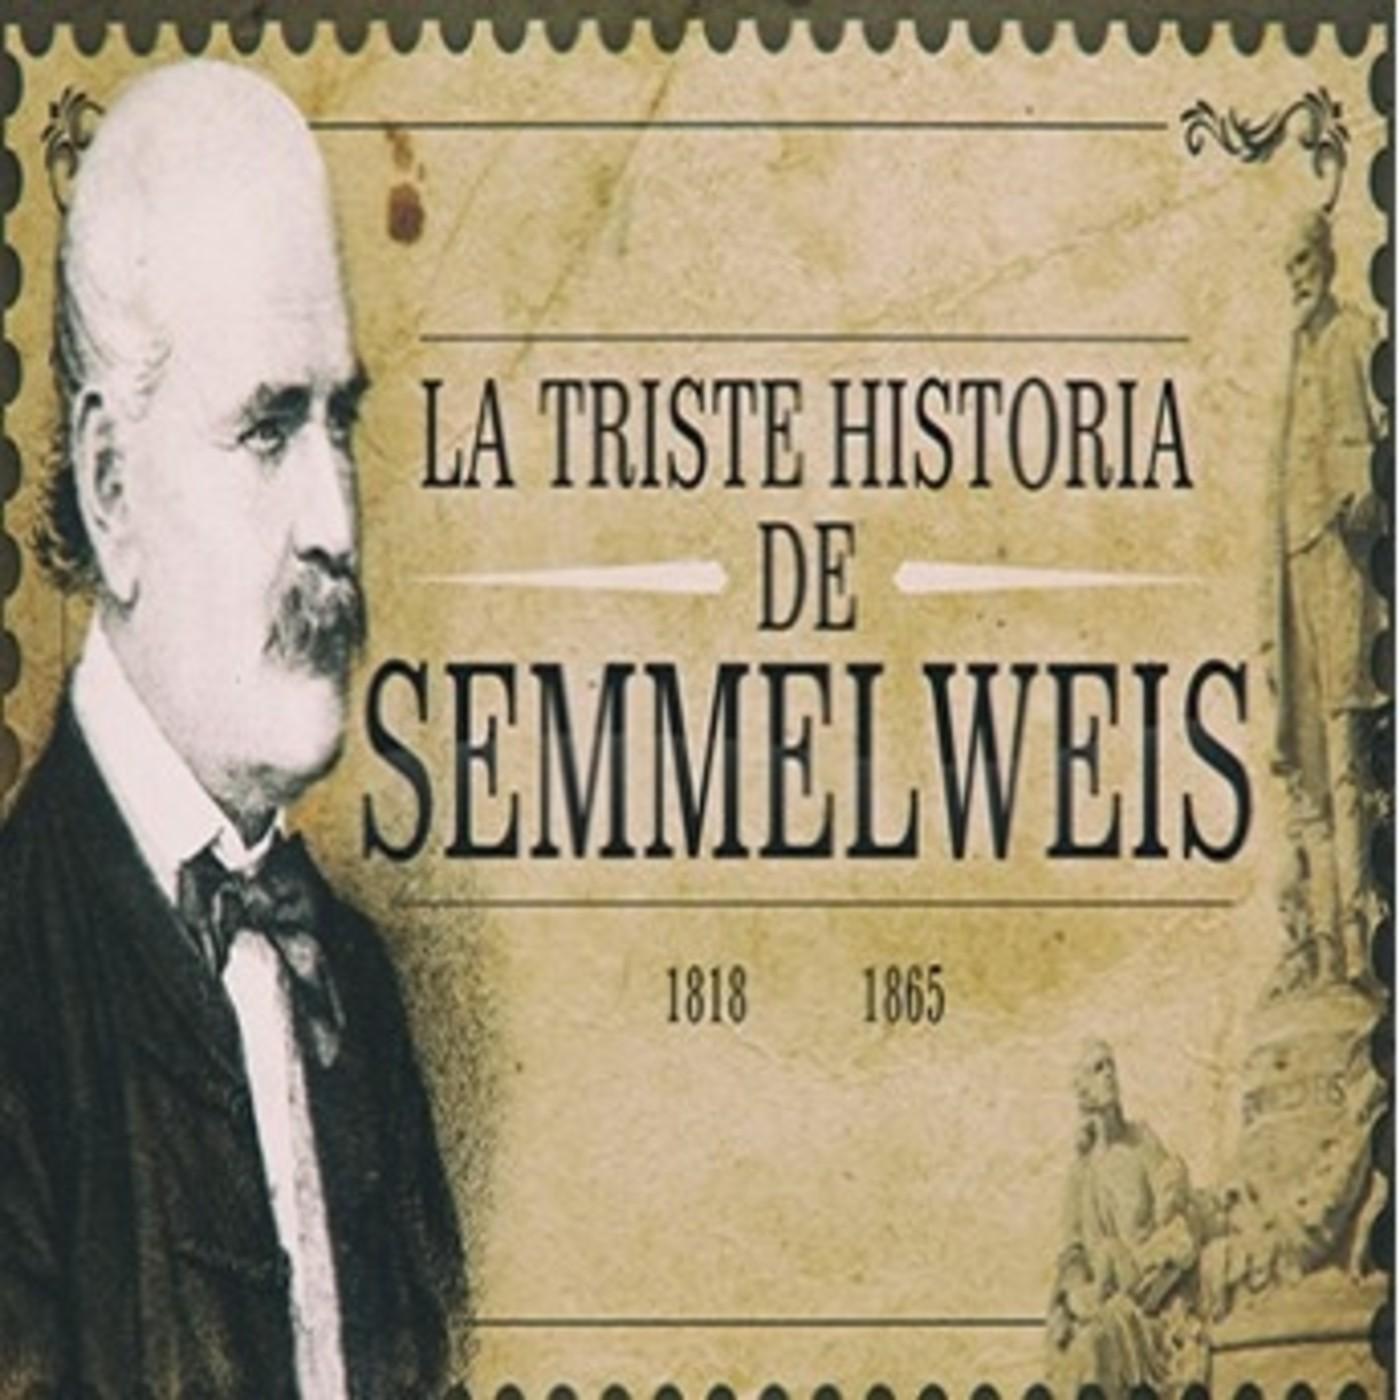 Cuarto milenio: La triste historia de Semmelweis en Cuarto ...